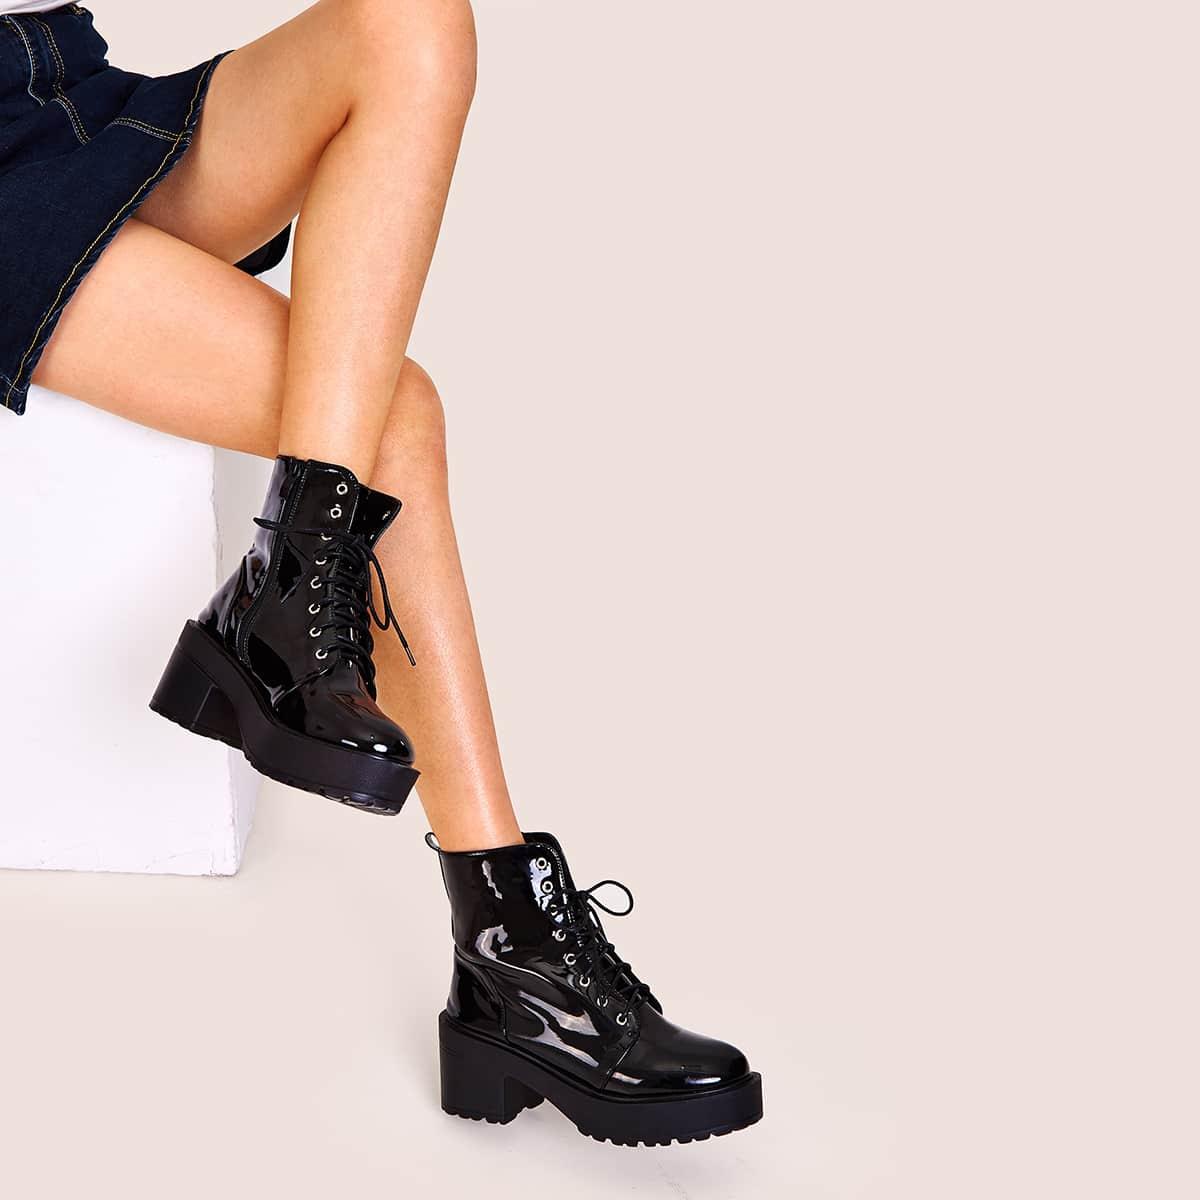 Лакированные Ботинки На Высокой Платформе Со Шнуровкой